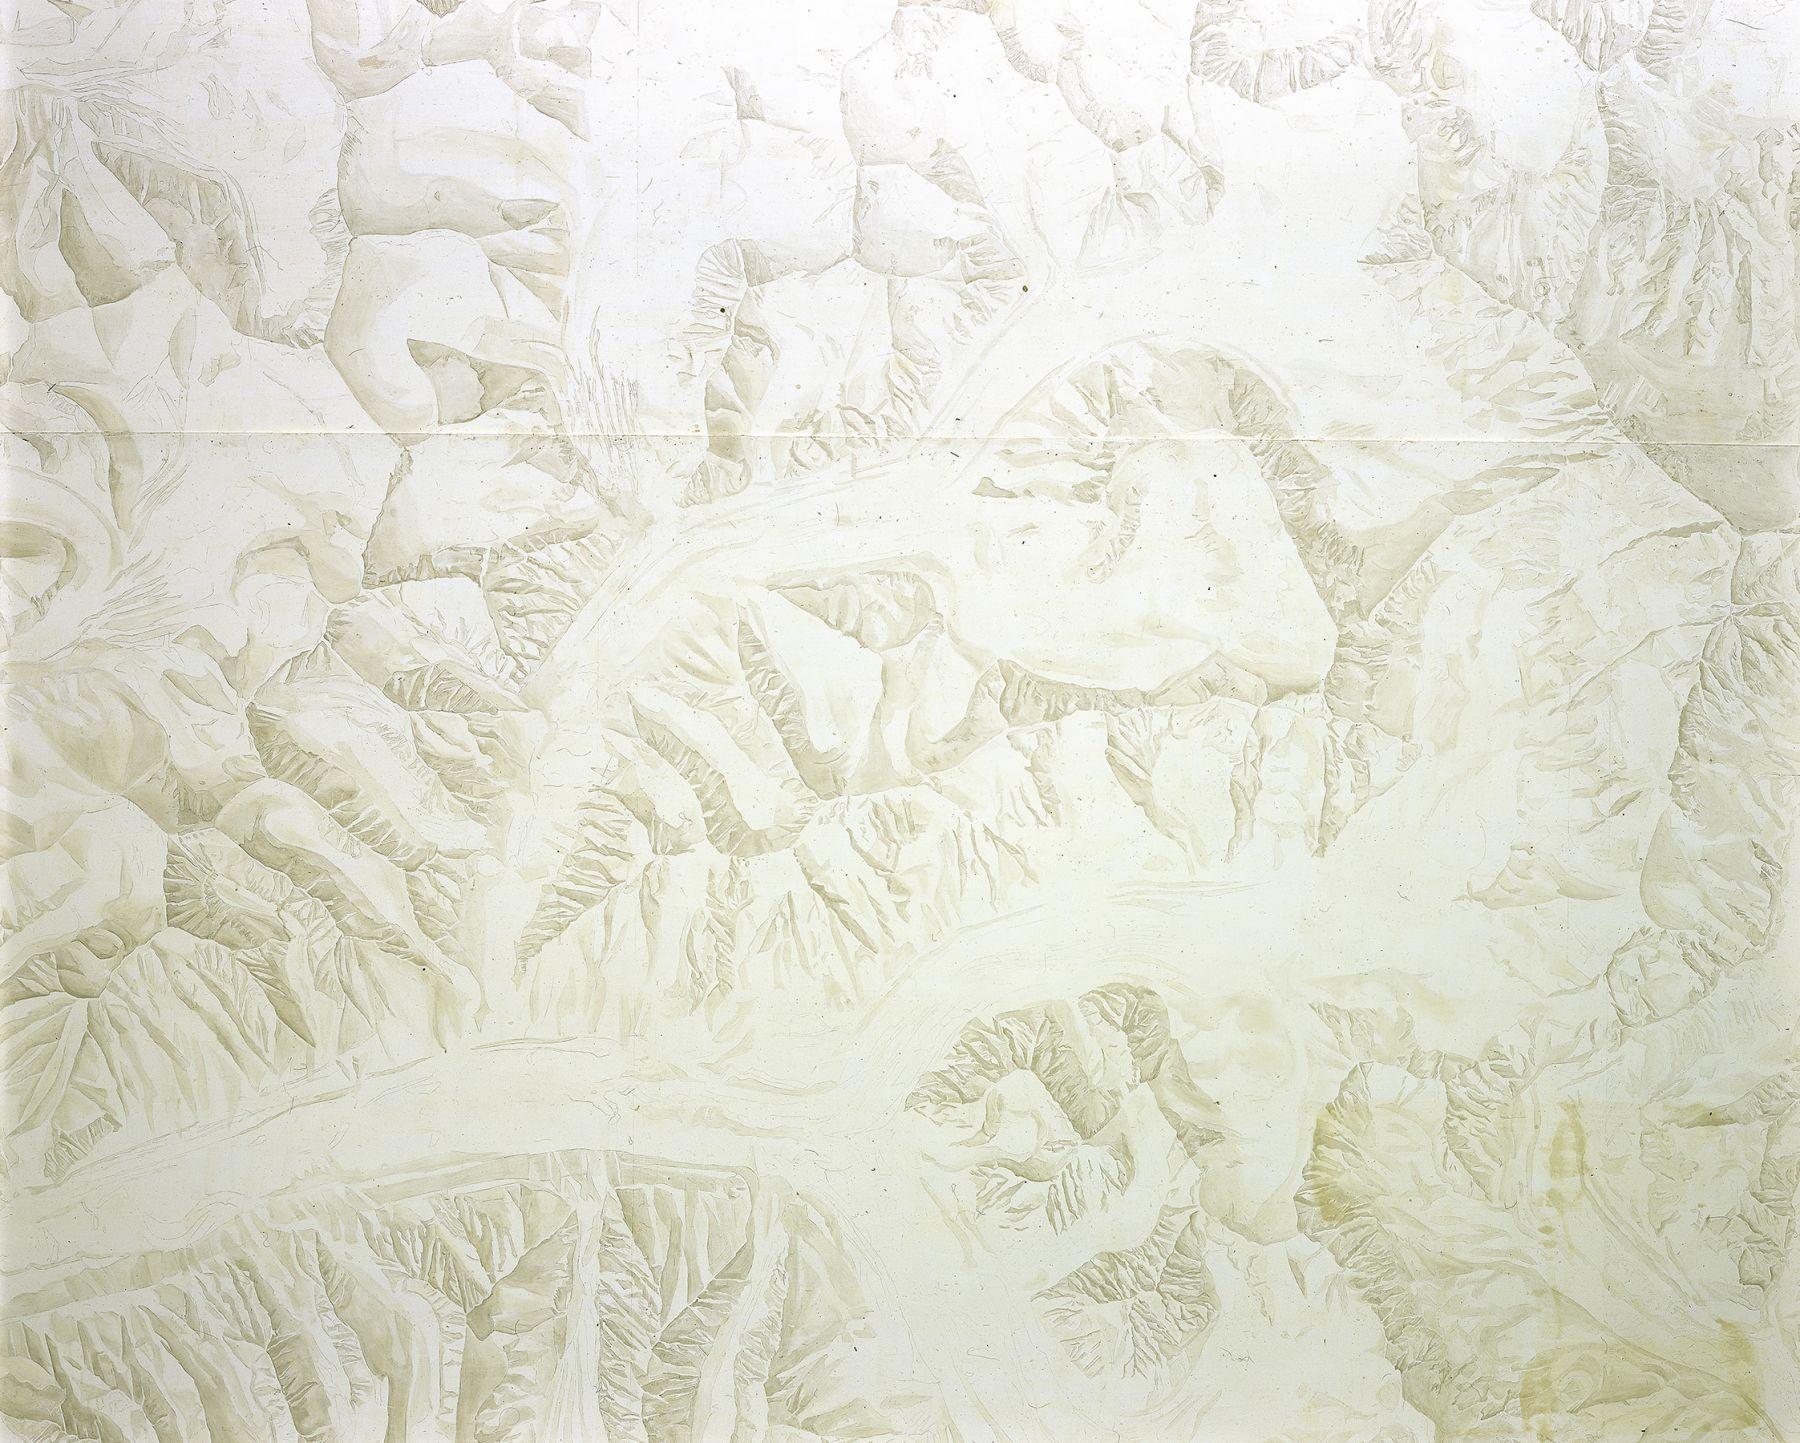 Toba Khedoori, Untitled (Mountains) detail